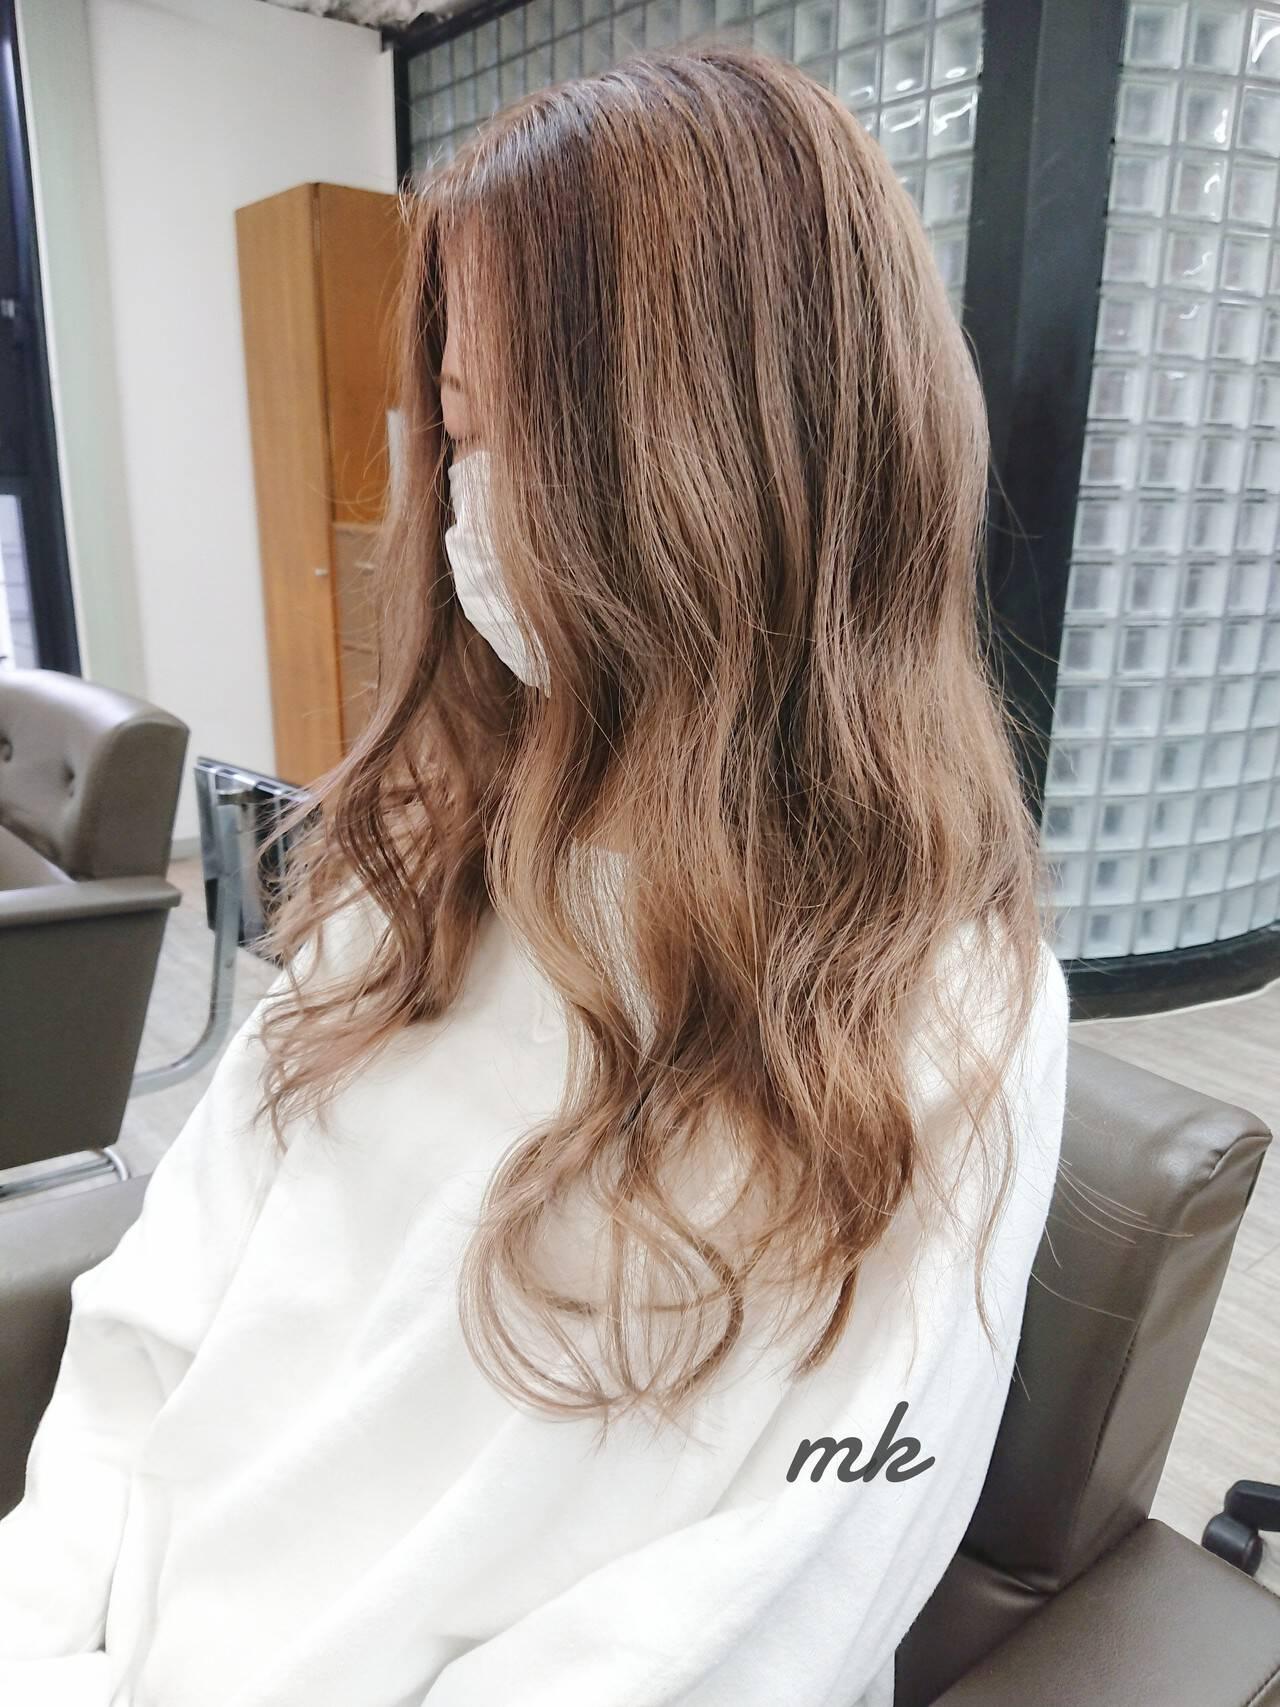 ダブルカラー ストリート ロング ブリーチカラーヘアスタイルや髪型の写真・画像